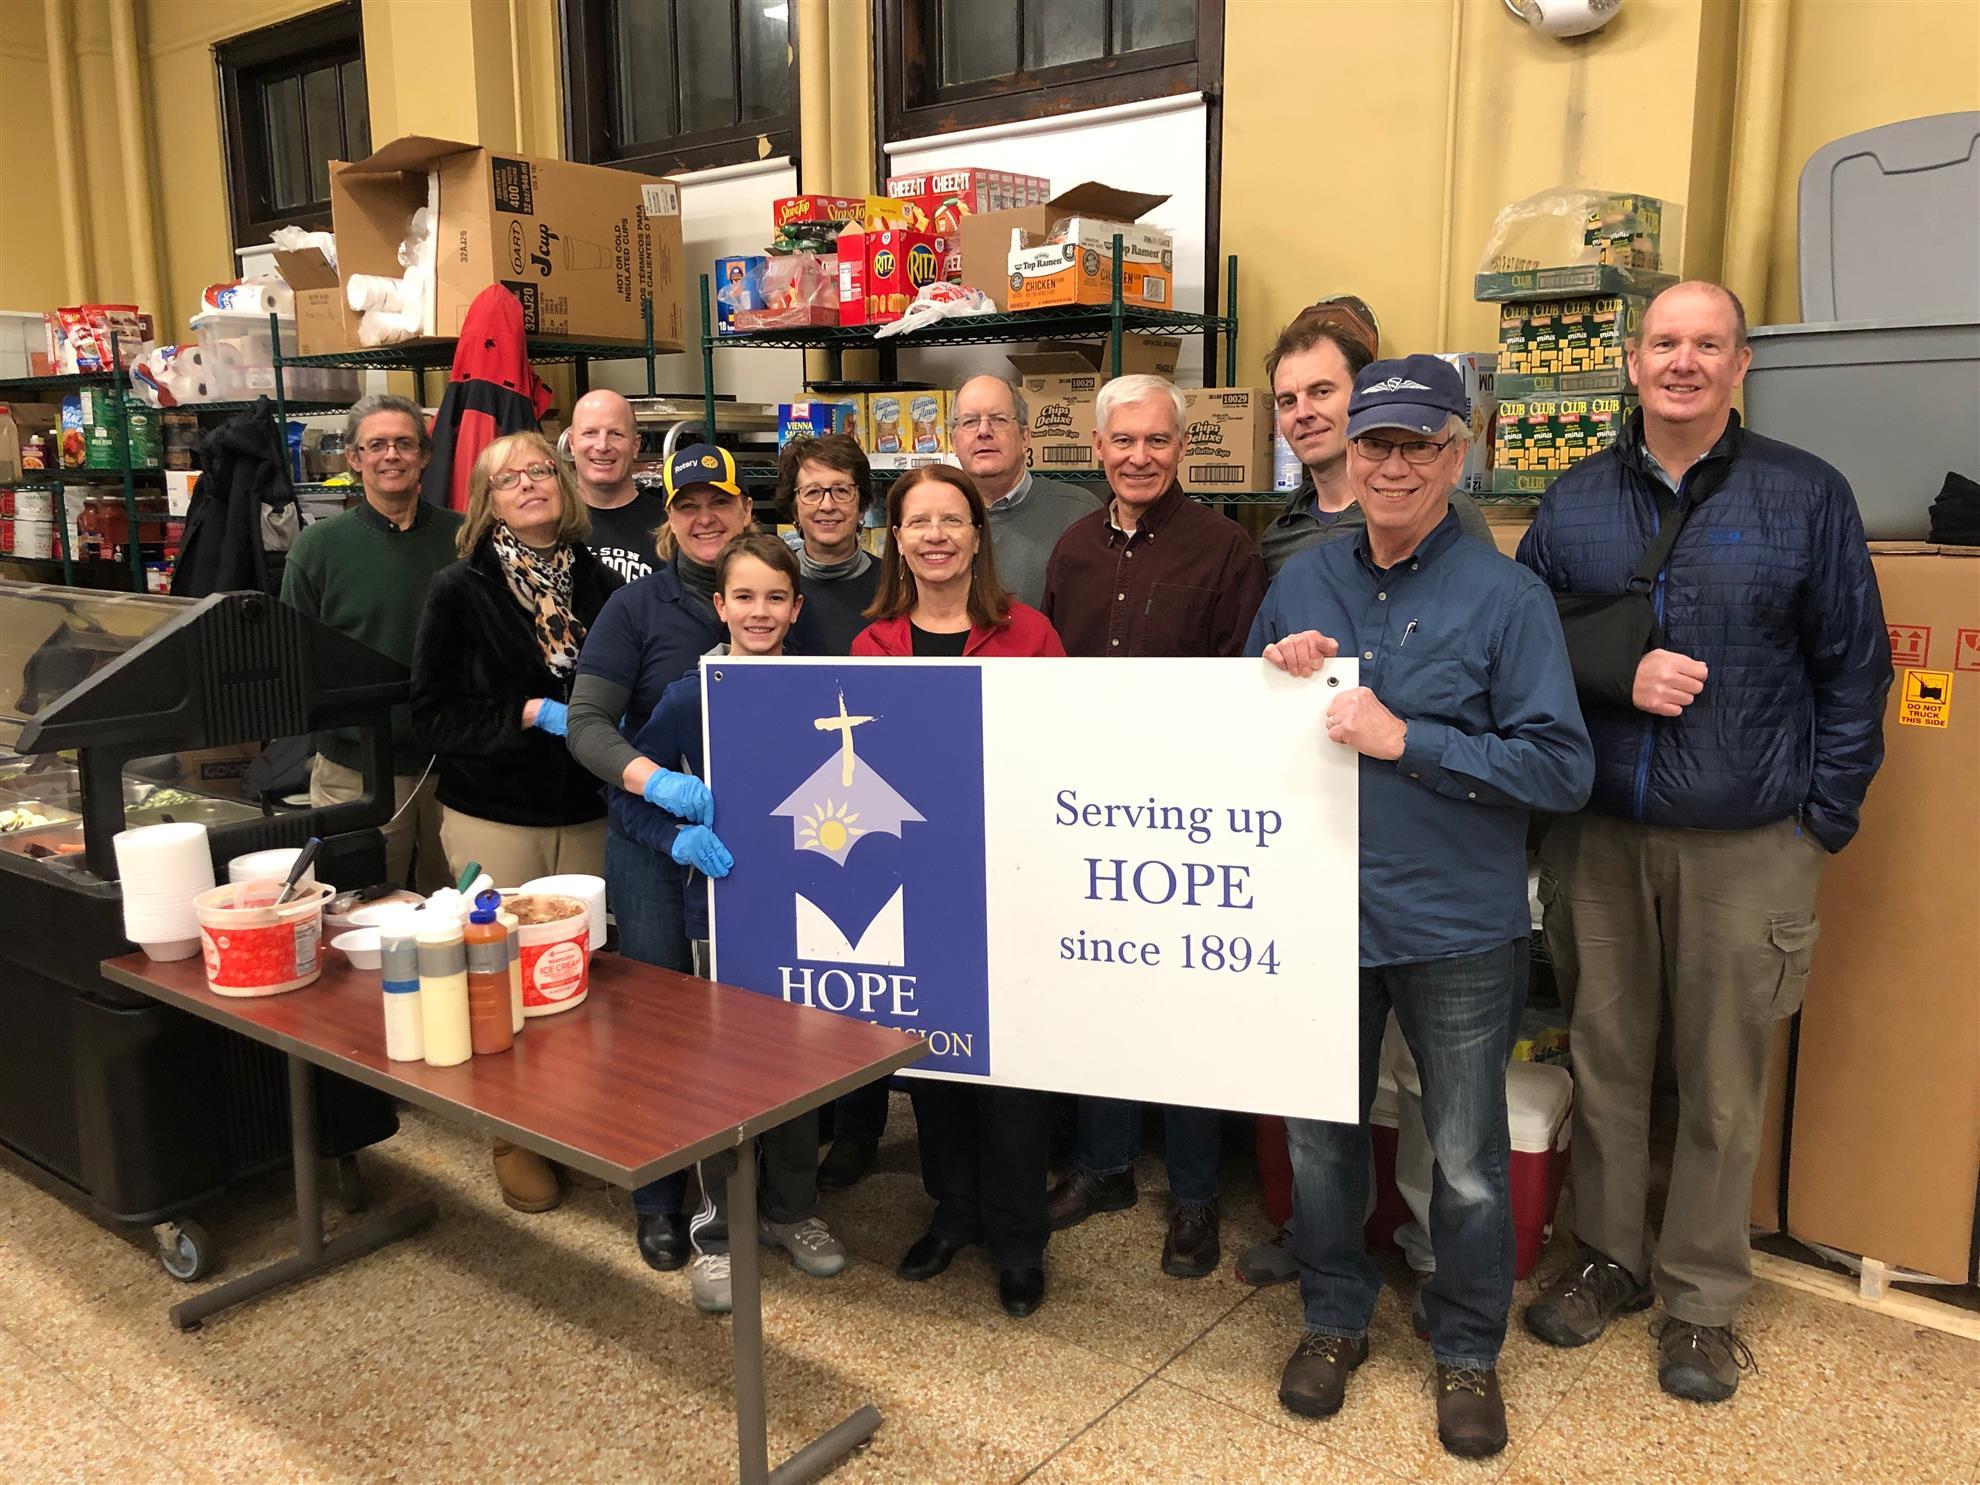 Serving Up Hope